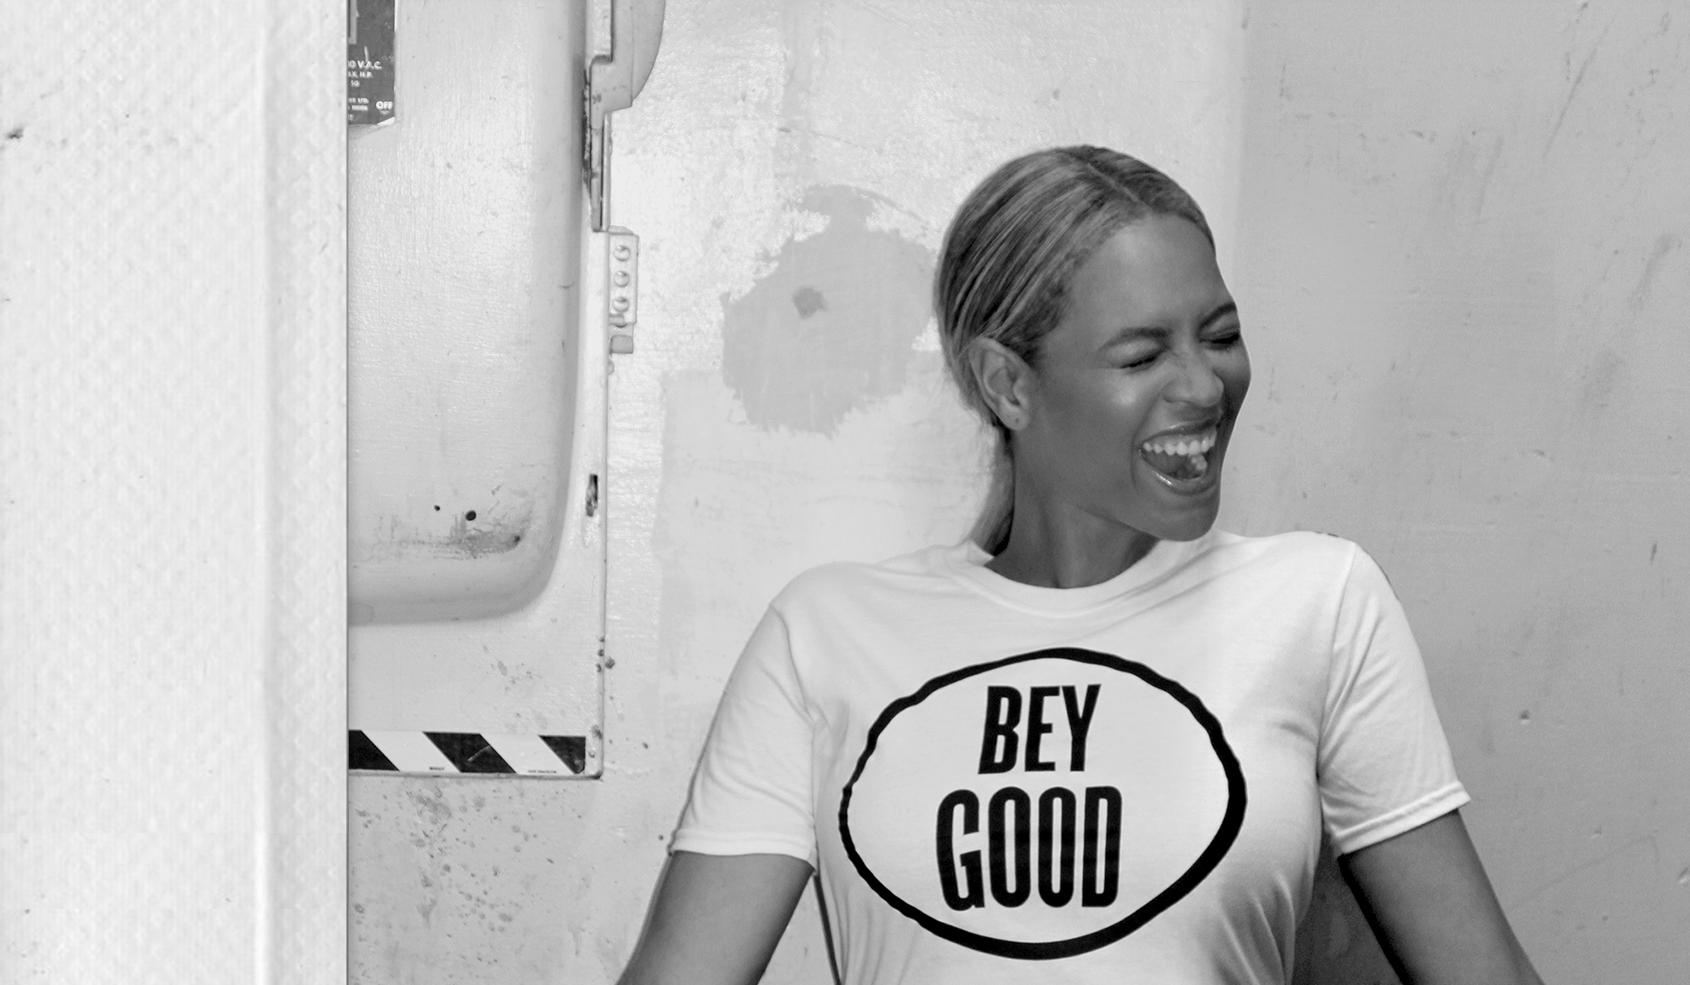 BeyGOOD, instituição de Beyoncé, divulga apoio à campanha #TemGenteComFome  - Mundo Negro